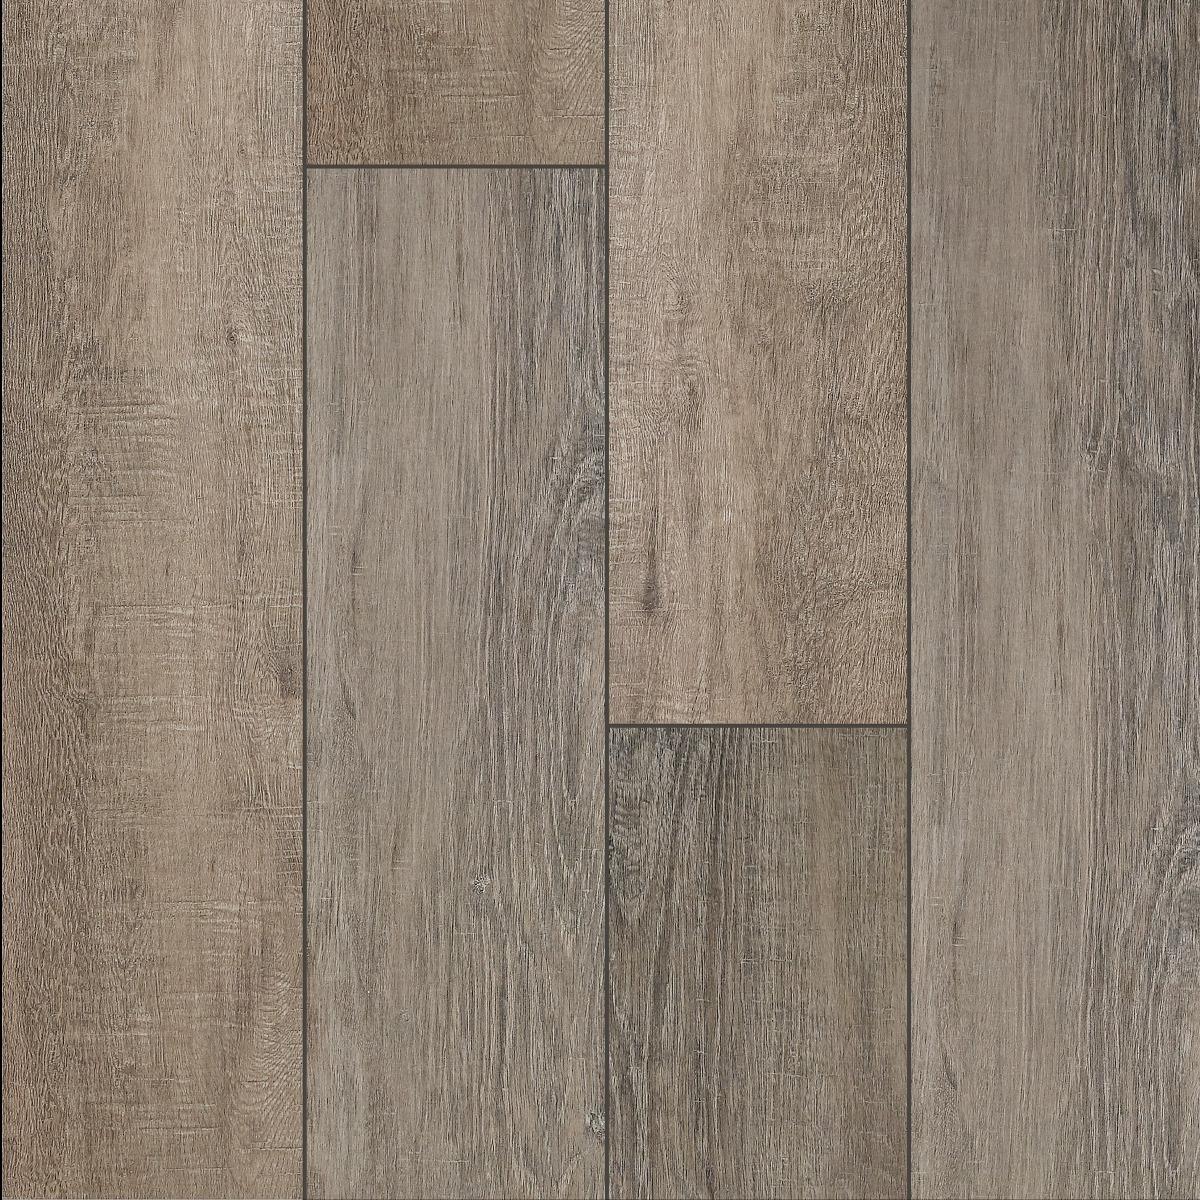 Boardwalk Waterproof Laminate Select, Select Surfaces Premium Laminate Flooring